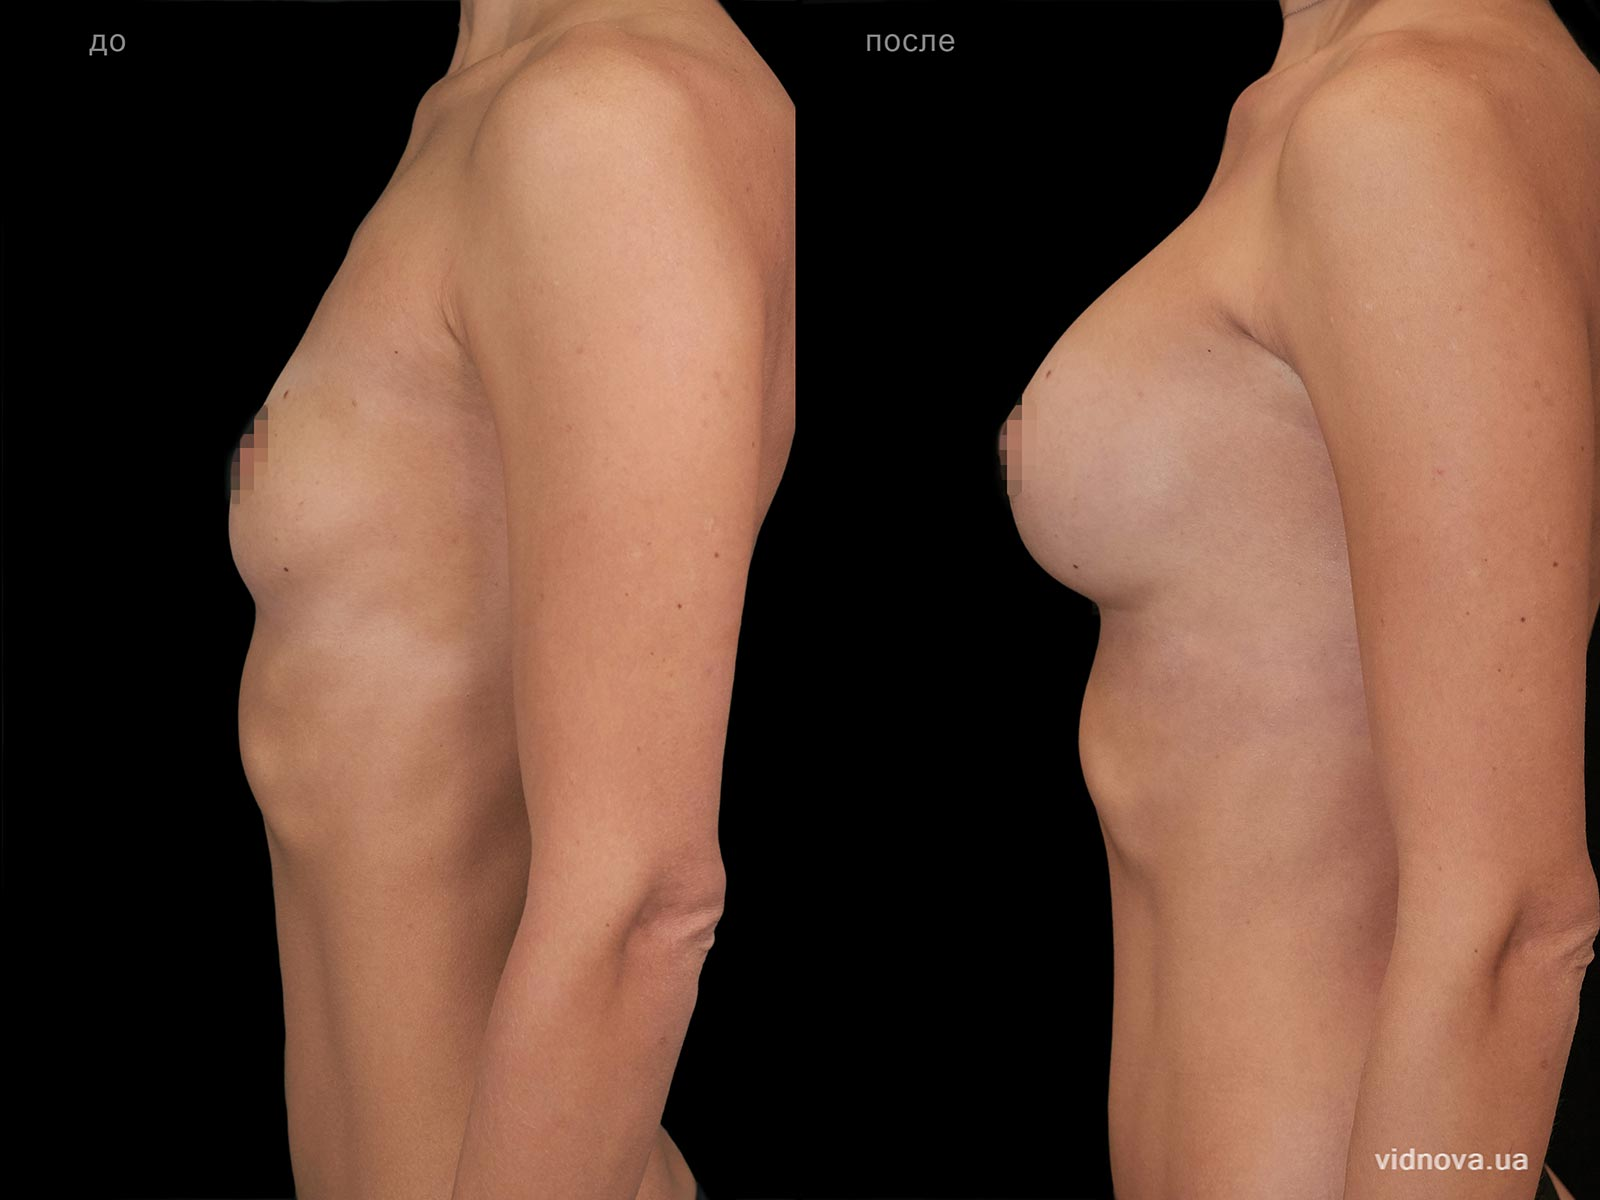 Пластика груди: результаты до и после - Пример №100-2 - Светлана Работенко